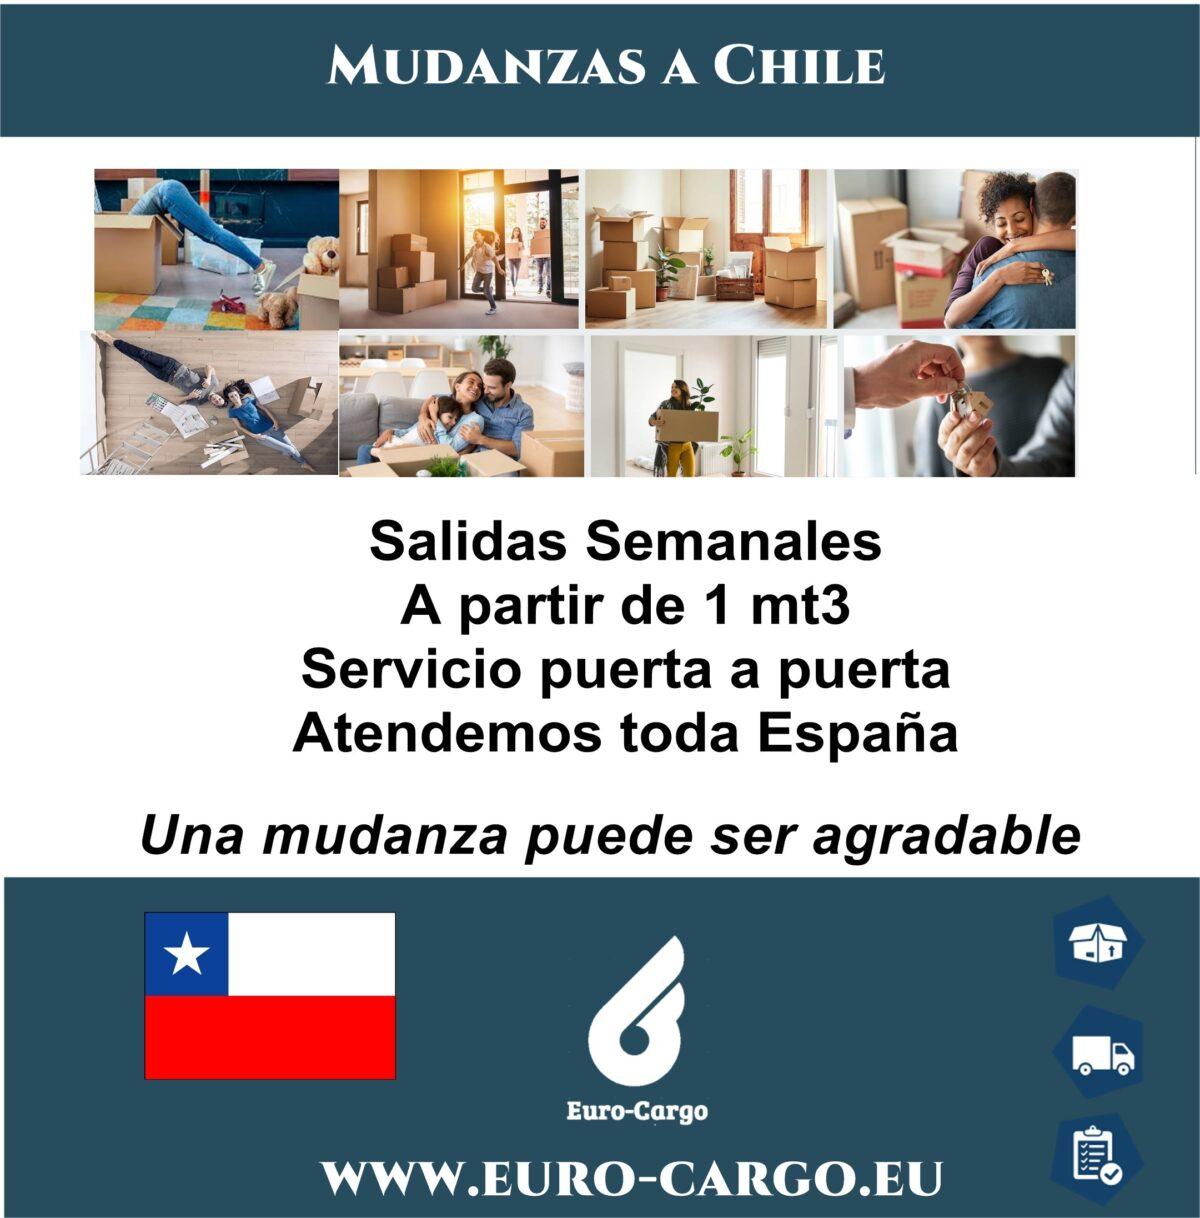 Mudanzas-a-Chile-1200x1218.jpg